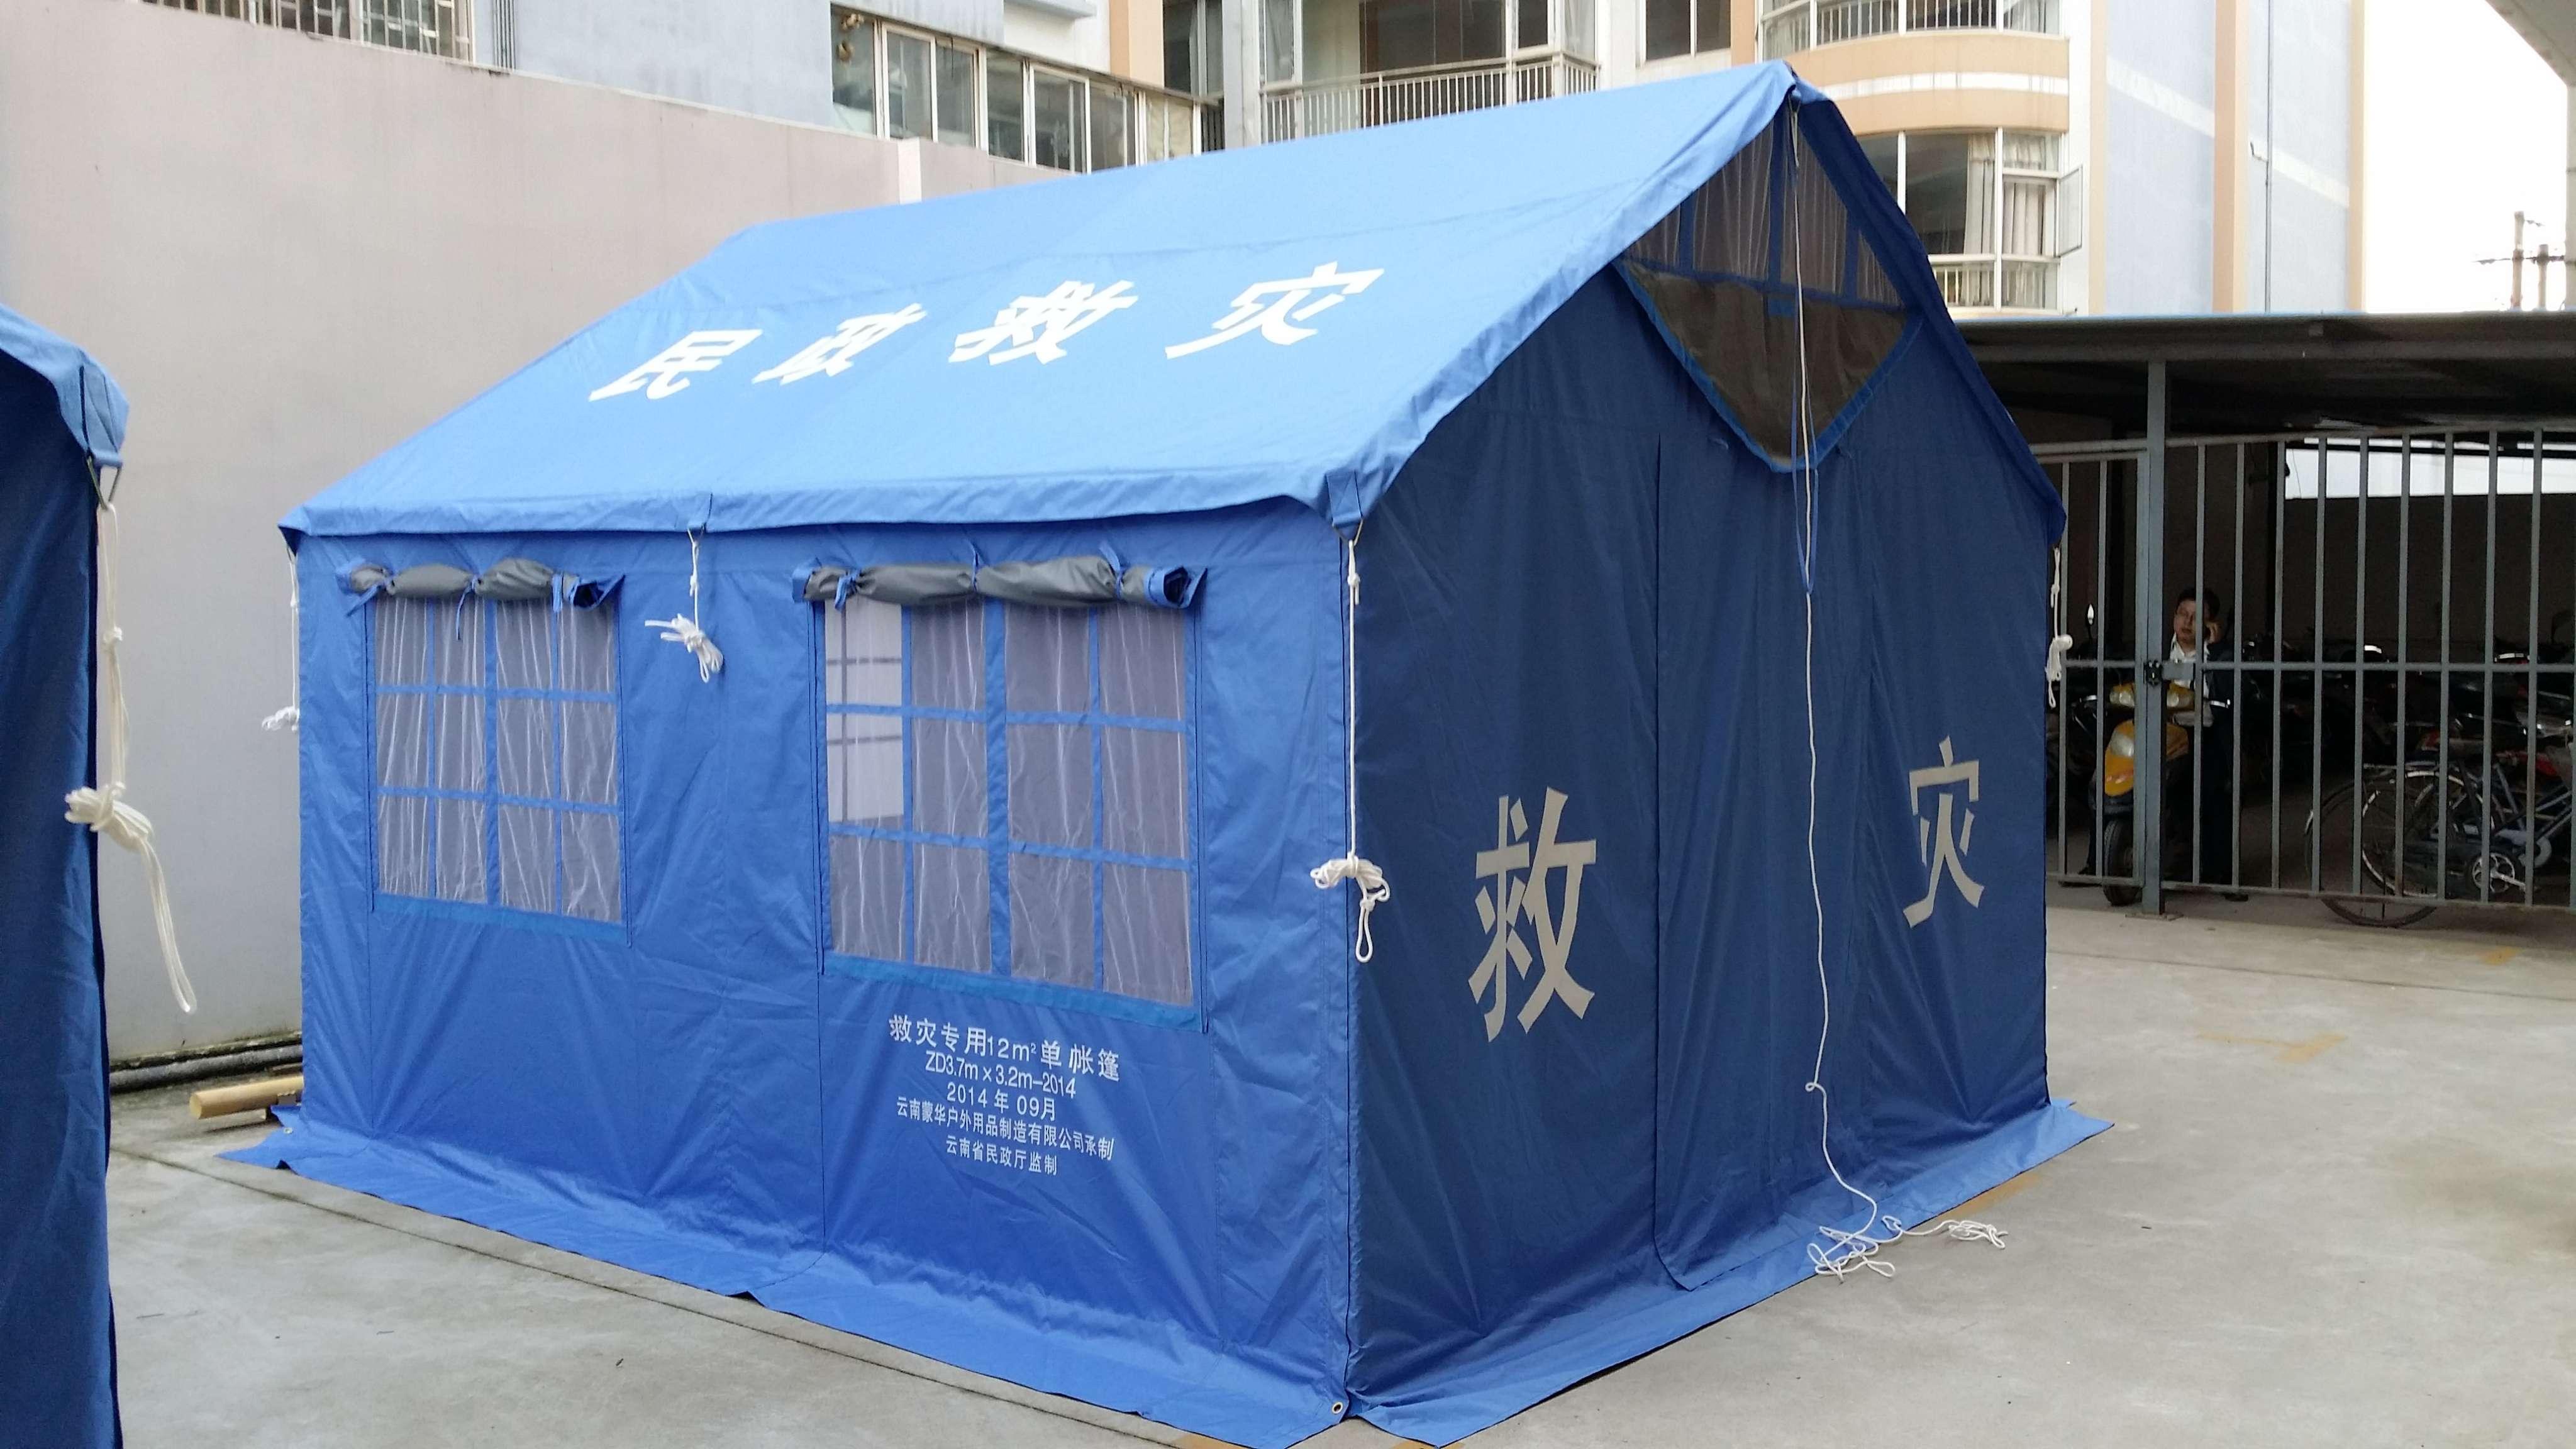 货物技术标准 一、货物组成说明 12平方米救灾专用单帐篷(插接式)由篷体、篷杆及配件三部分组成。1、篷体的组成主要以333dtex333dtex涤纶丝pu涂层布为主要材料。经天蓝涤纶缝纫线缝合,配备热封胶条、天蓝尼龙拉链、天蓝锦丝搭扣带、带管三角环、活动三节环、天蓝涤纶线带、本白涤纶网眼布、半圆环等而进行组成的。2、篷杆框架由通用杆、立杆、山墙地杆、阳篷杆和端架三通、中架四通、地杆四通及钢丝拉绳组成。3、配件的组成主要为三角桩(含塑料桩头)、白涤纶包芯绳及配备配件工具袋。 二、货物主要技术数据和性能描述